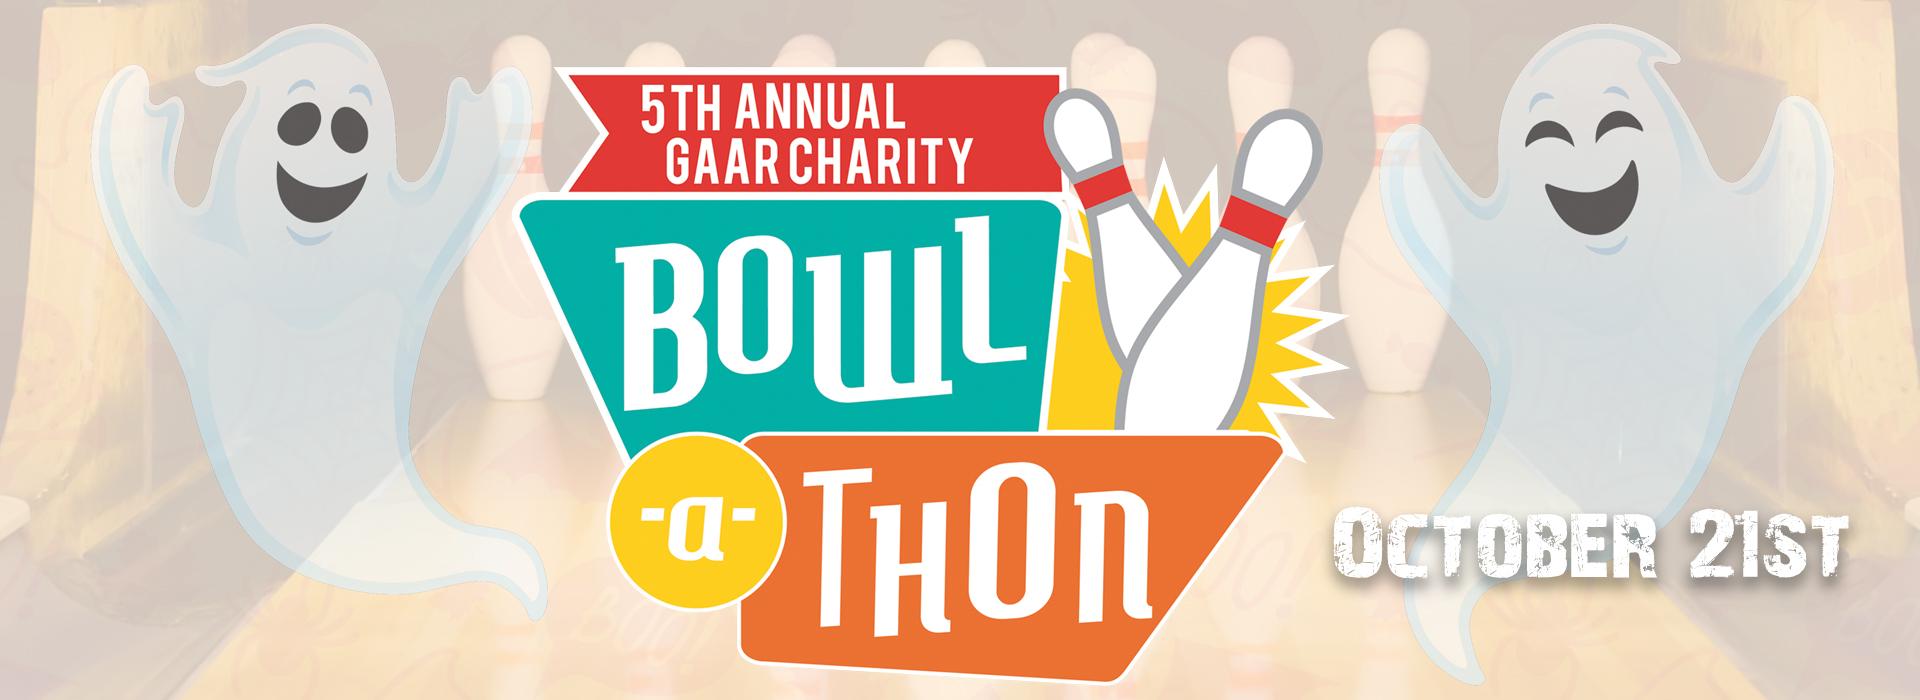 GAAR's 5th Annual Bowl-A-Thon